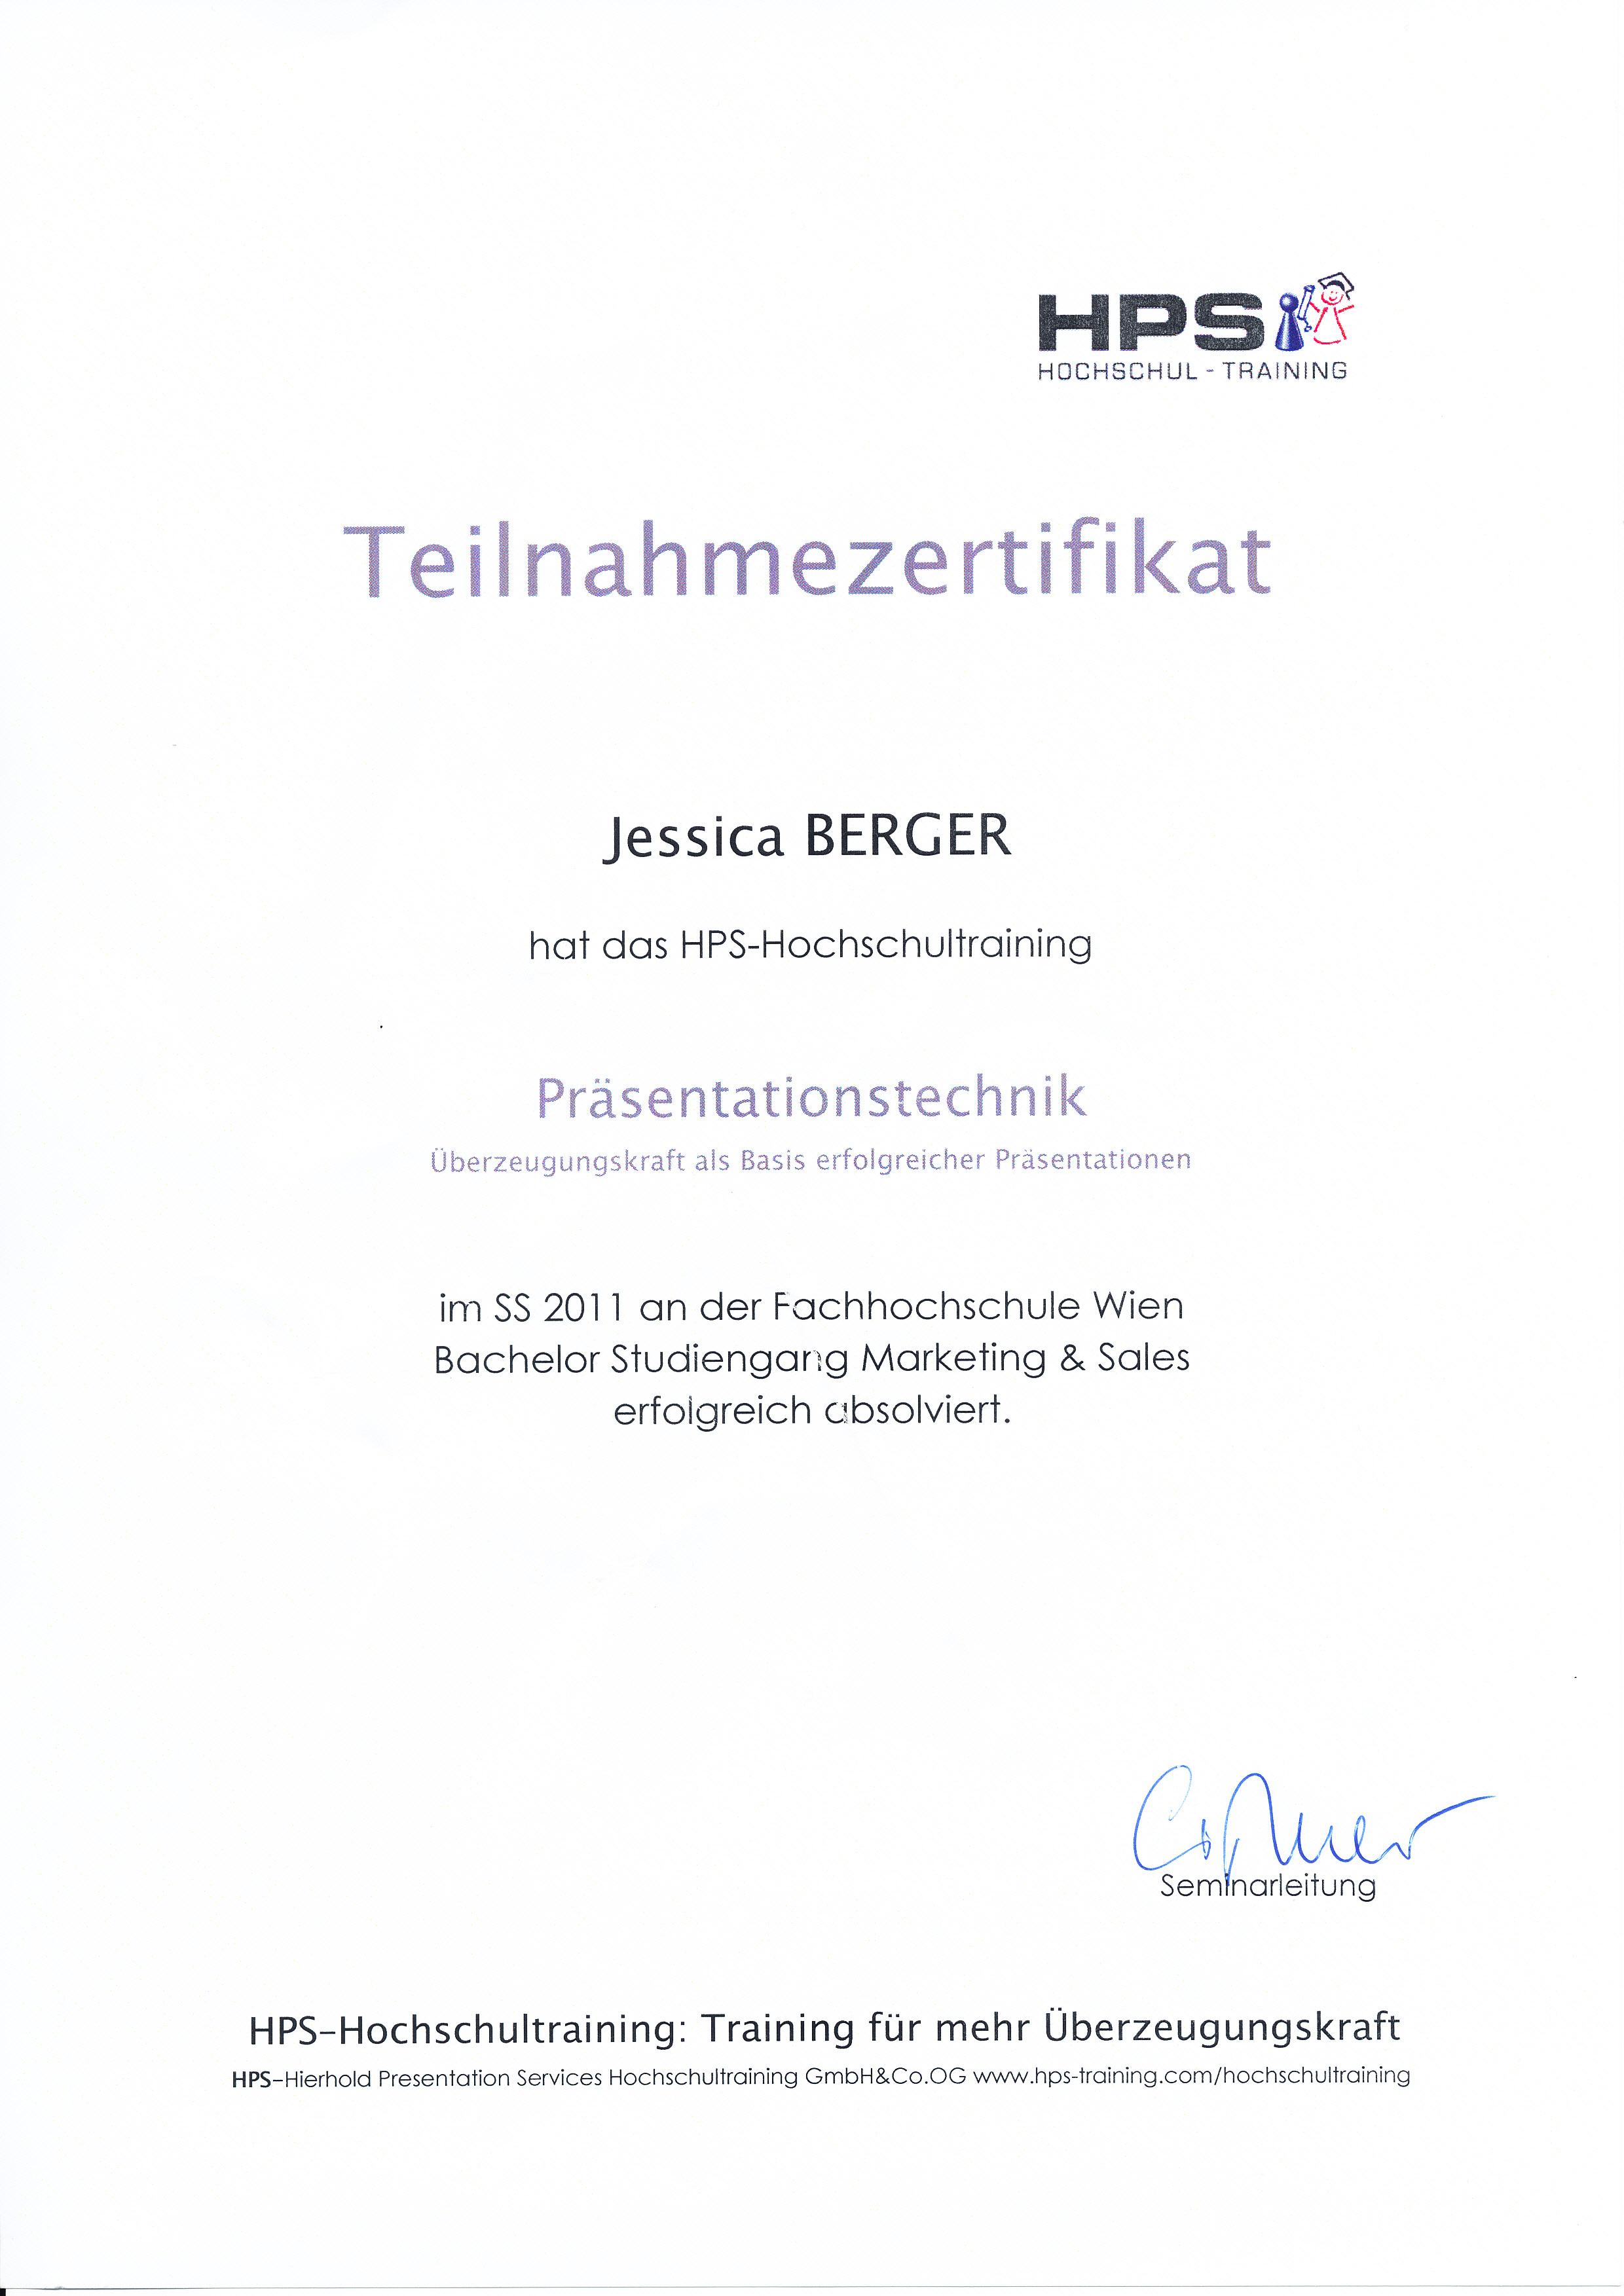 Präsentationstechnik - HPS Hochschultraining